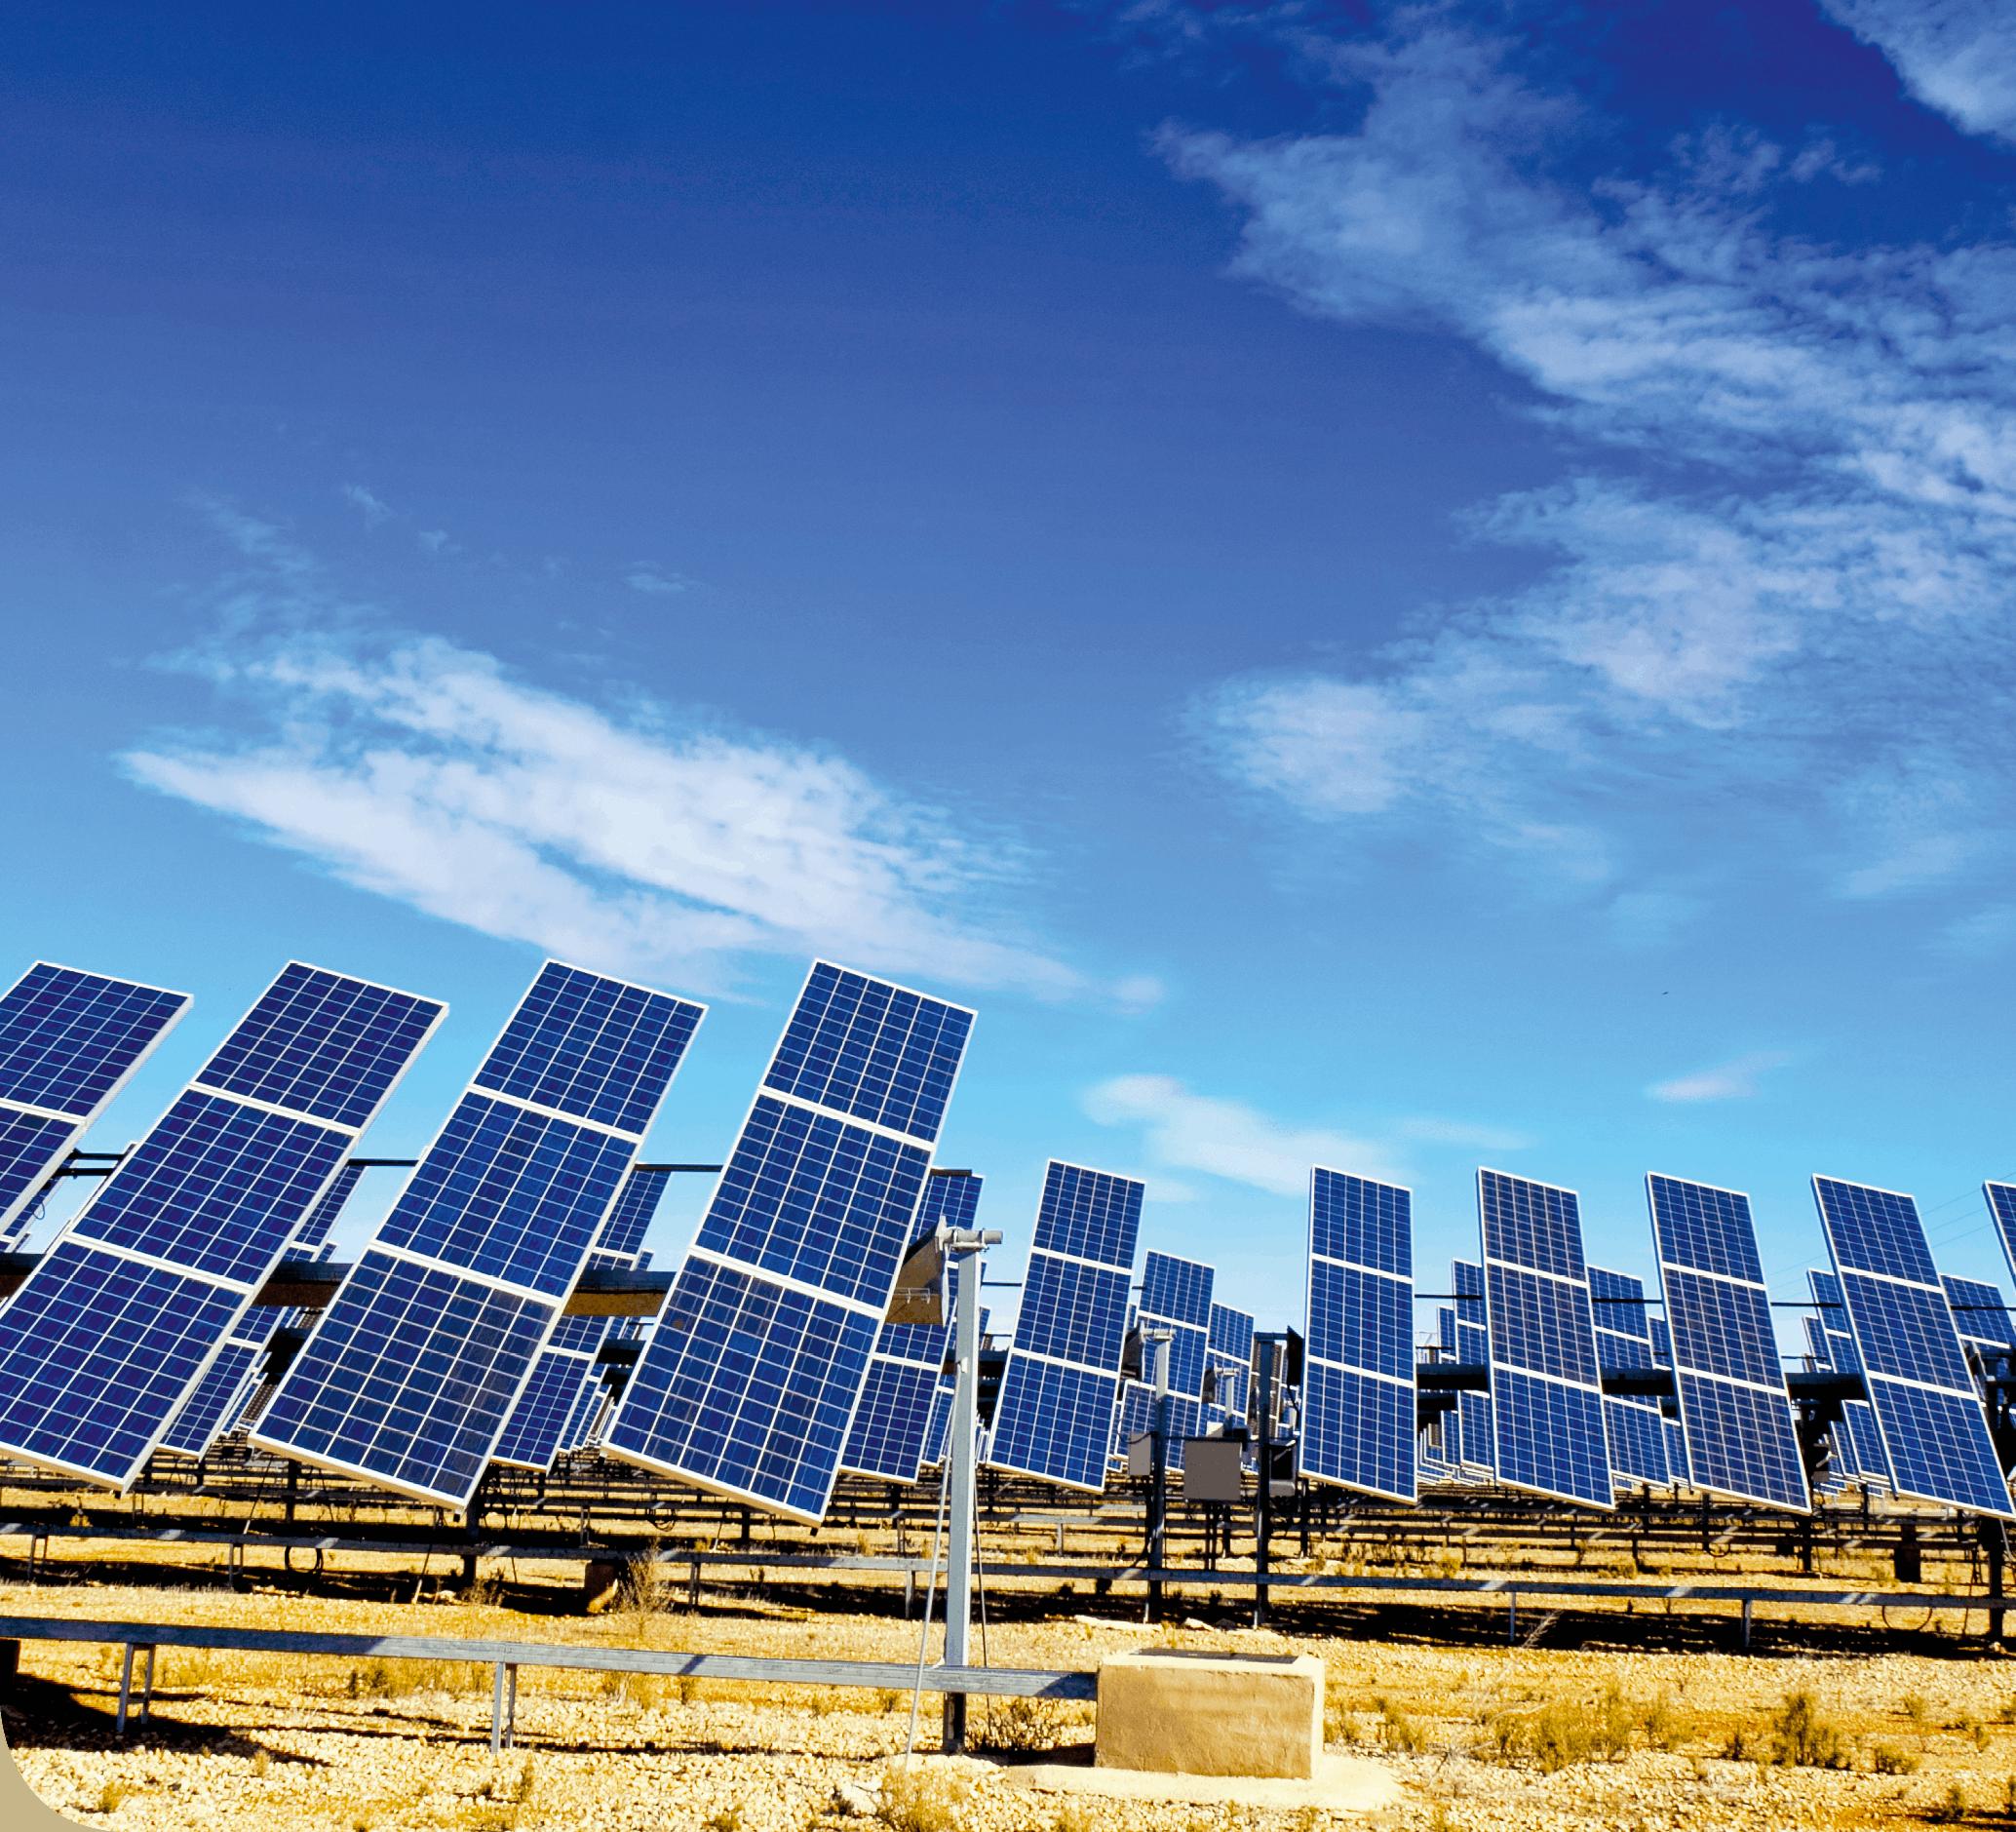 PC - chapitre 20 - Champ de panneaux solaires dans une région très ensoleillée